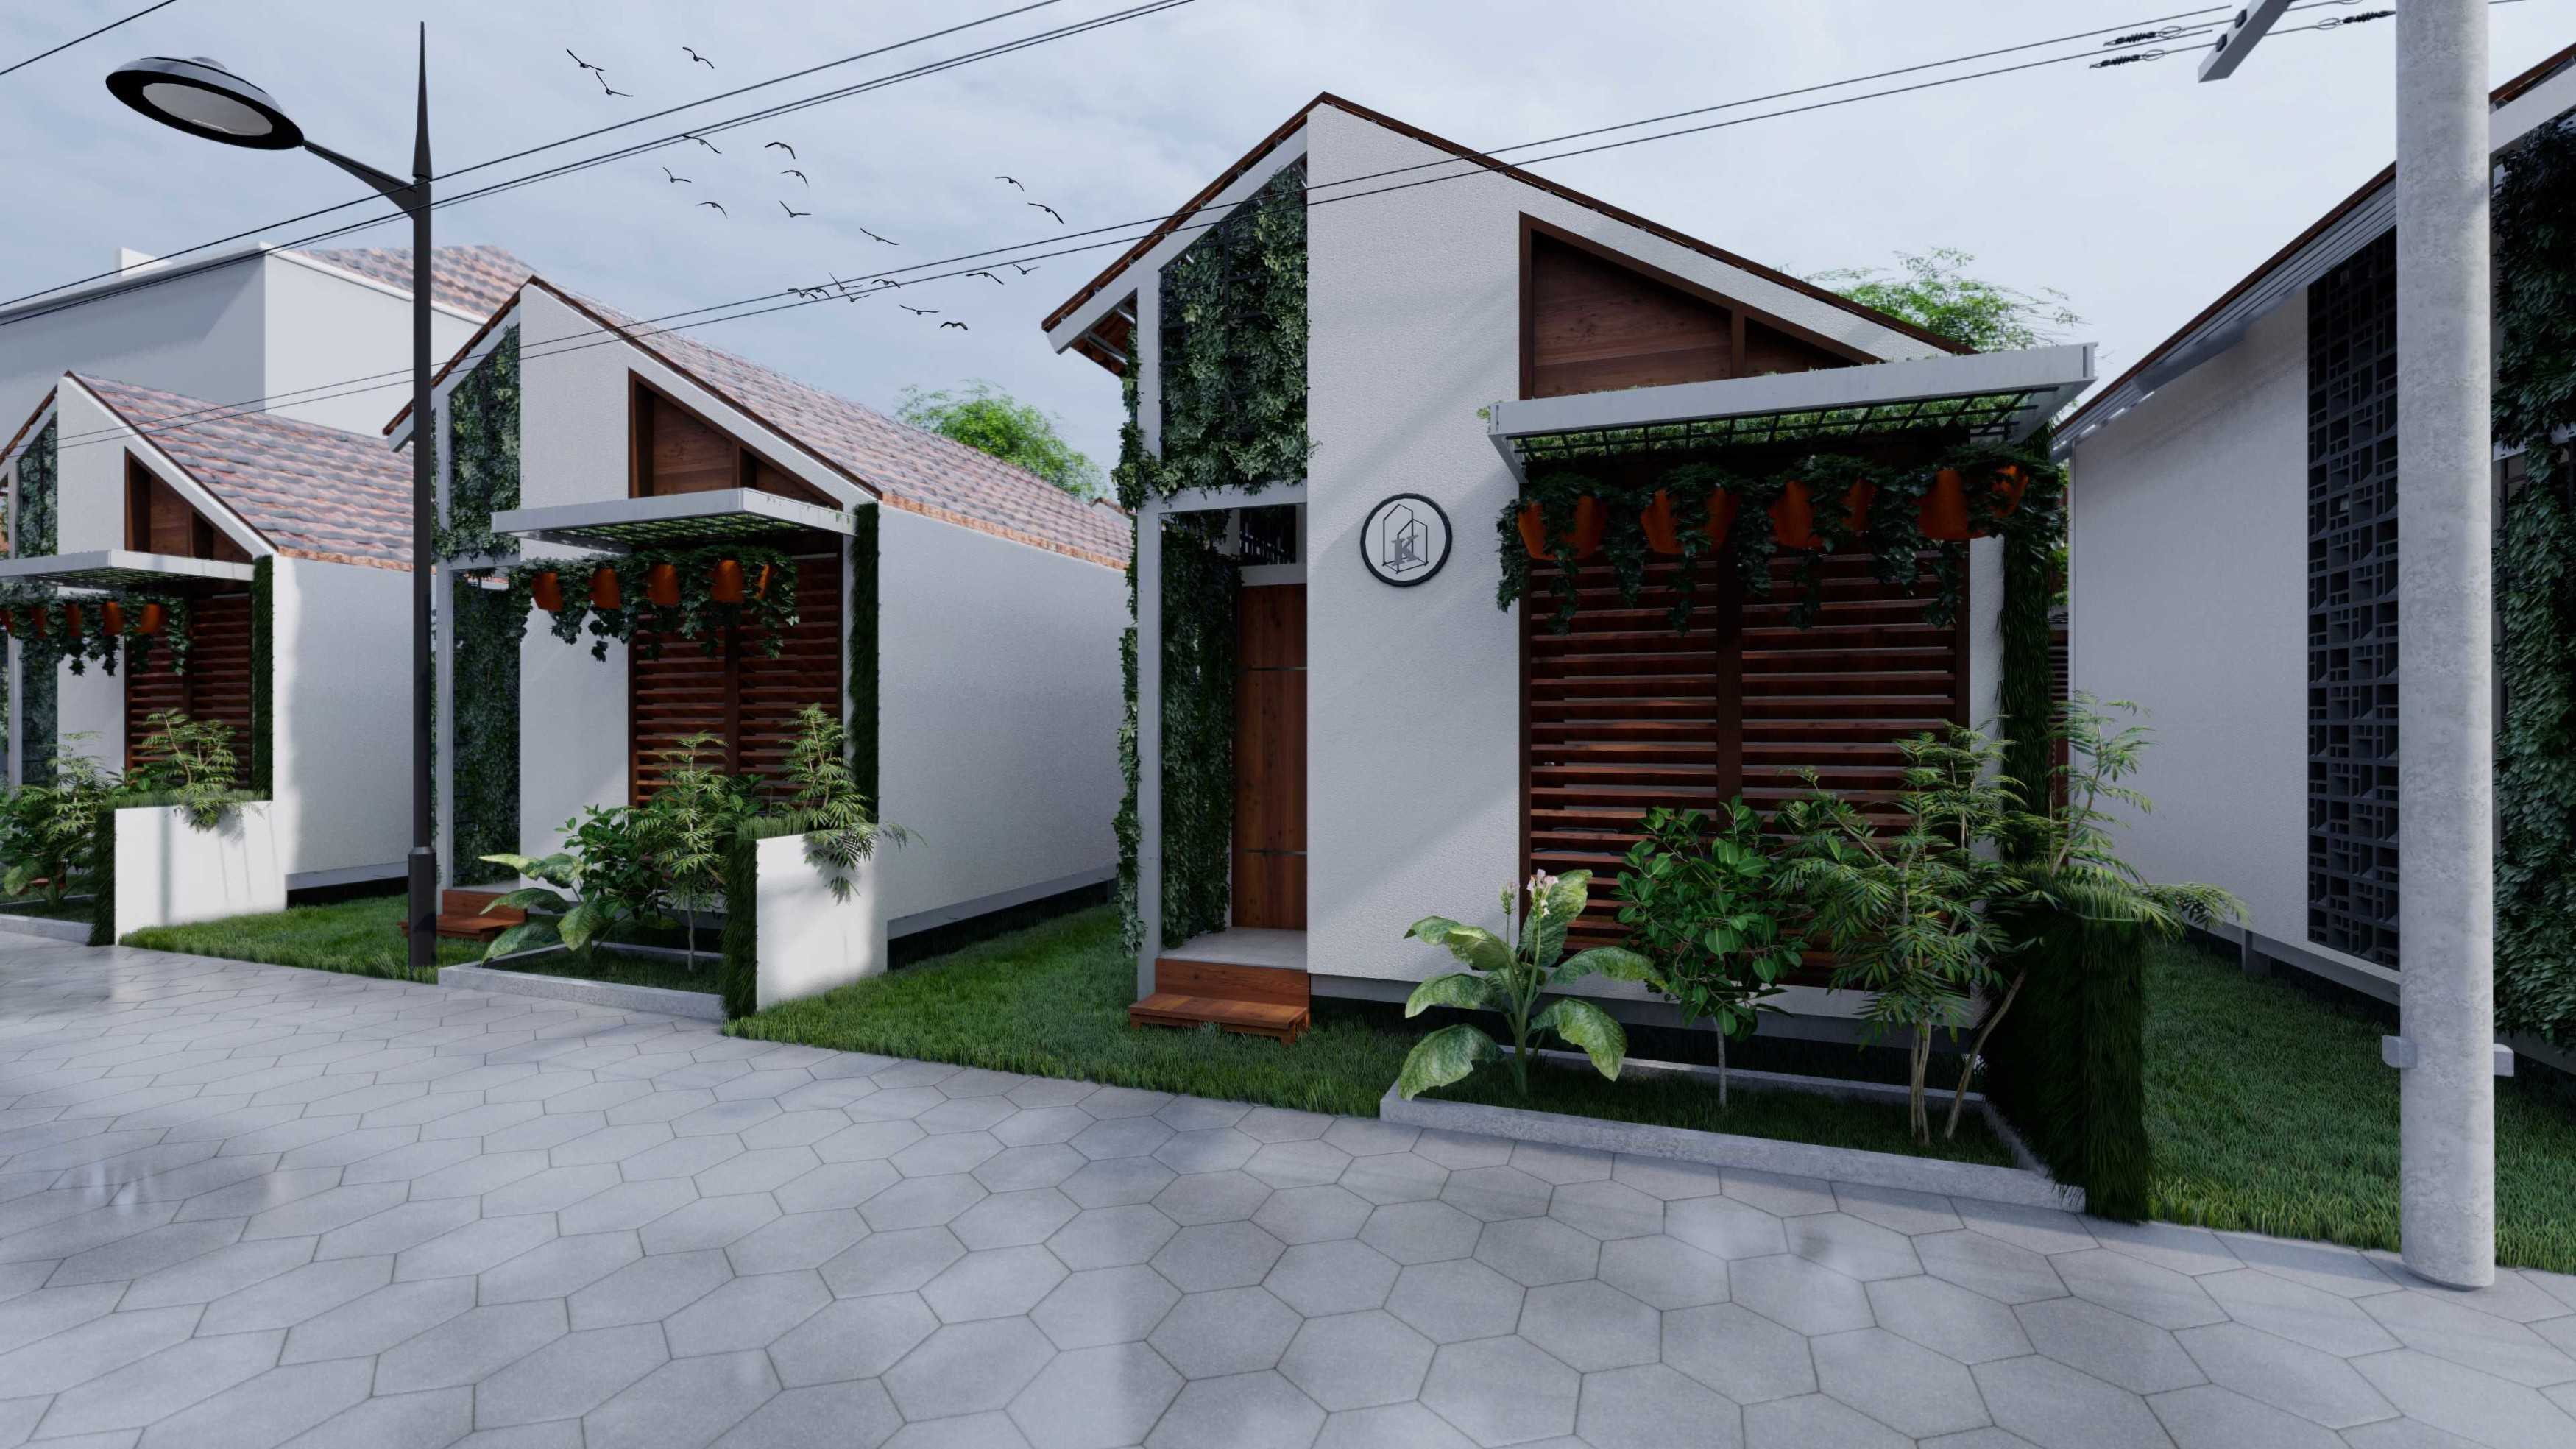 """Kenali's Studio """"inside Out"""" Rumah Subsidi 2018 Blok G9 No.2, 50212, Gang Sumber Muiyo Raya, Kedungpane, Mijen, Kedungpane, Mijen, Semarang City, Central Java 50275, Indonesia Blok G9 No.2, 50212, Gang Sumber Muiyo Raya, Kedungpane, Mijen, Kedungpane, Mijen, Semarang City, Central Java 50275, Indonesia Kenalis-Studio-Inside-Out-Rumah-Subsidi-2018   101837"""